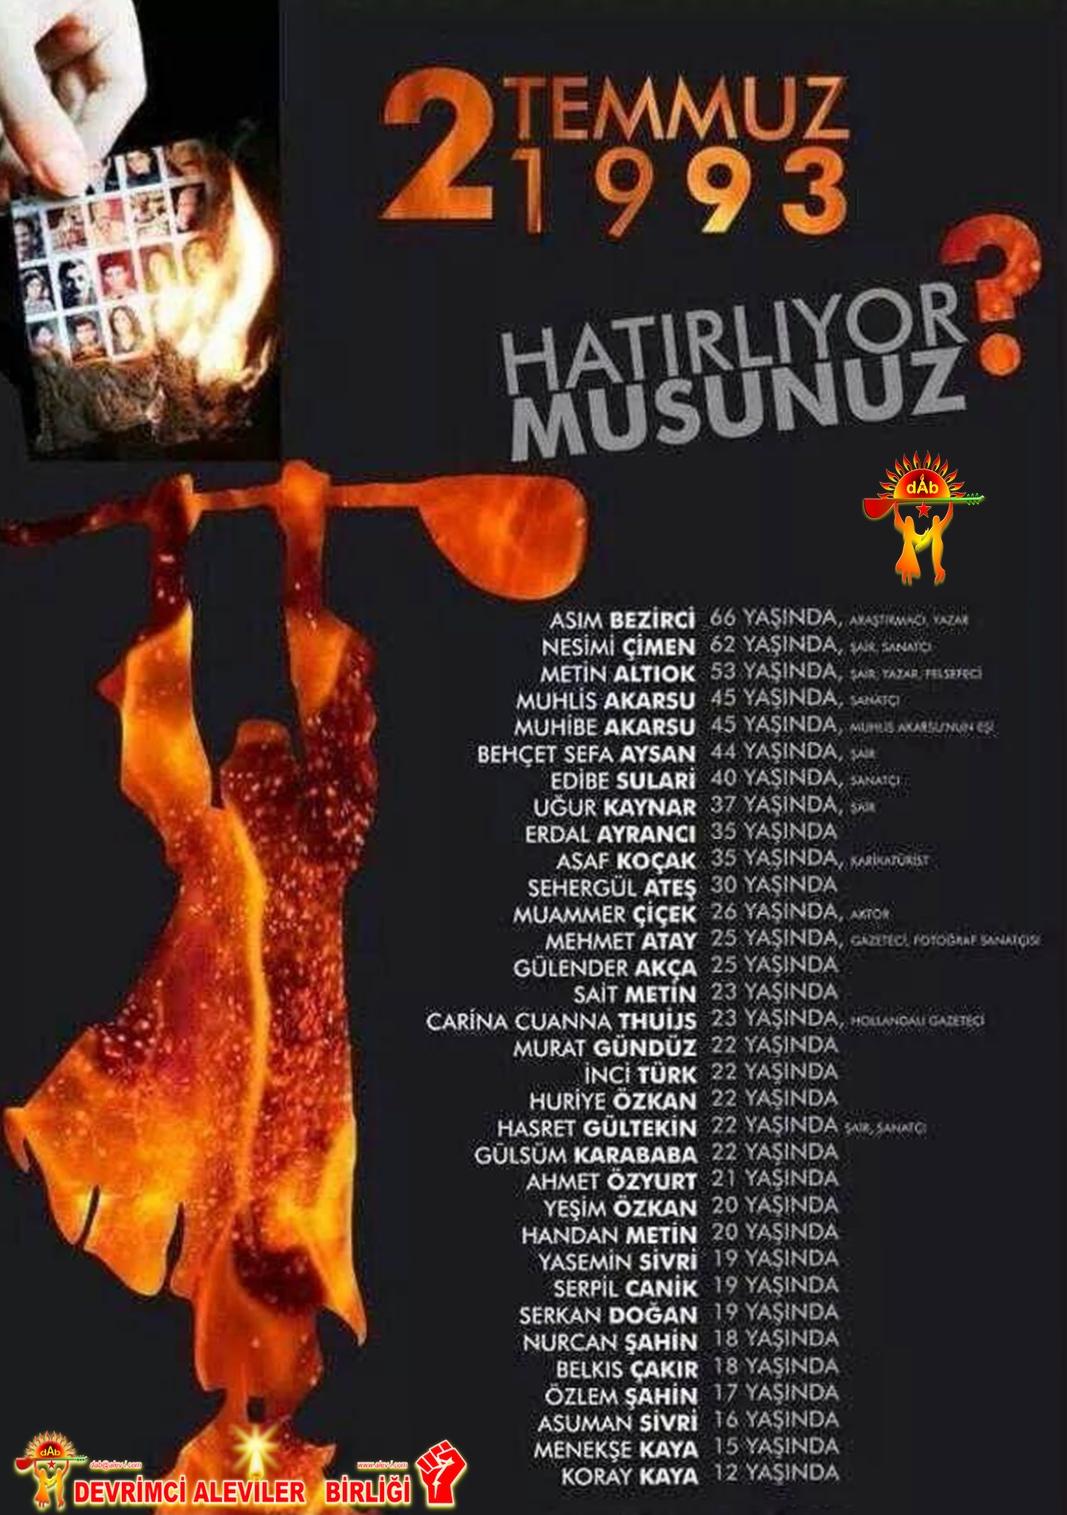 Alevi sivas madımak 2 temmuz 1993 DAB Devrimci Alevi Kızılbas pir sultan